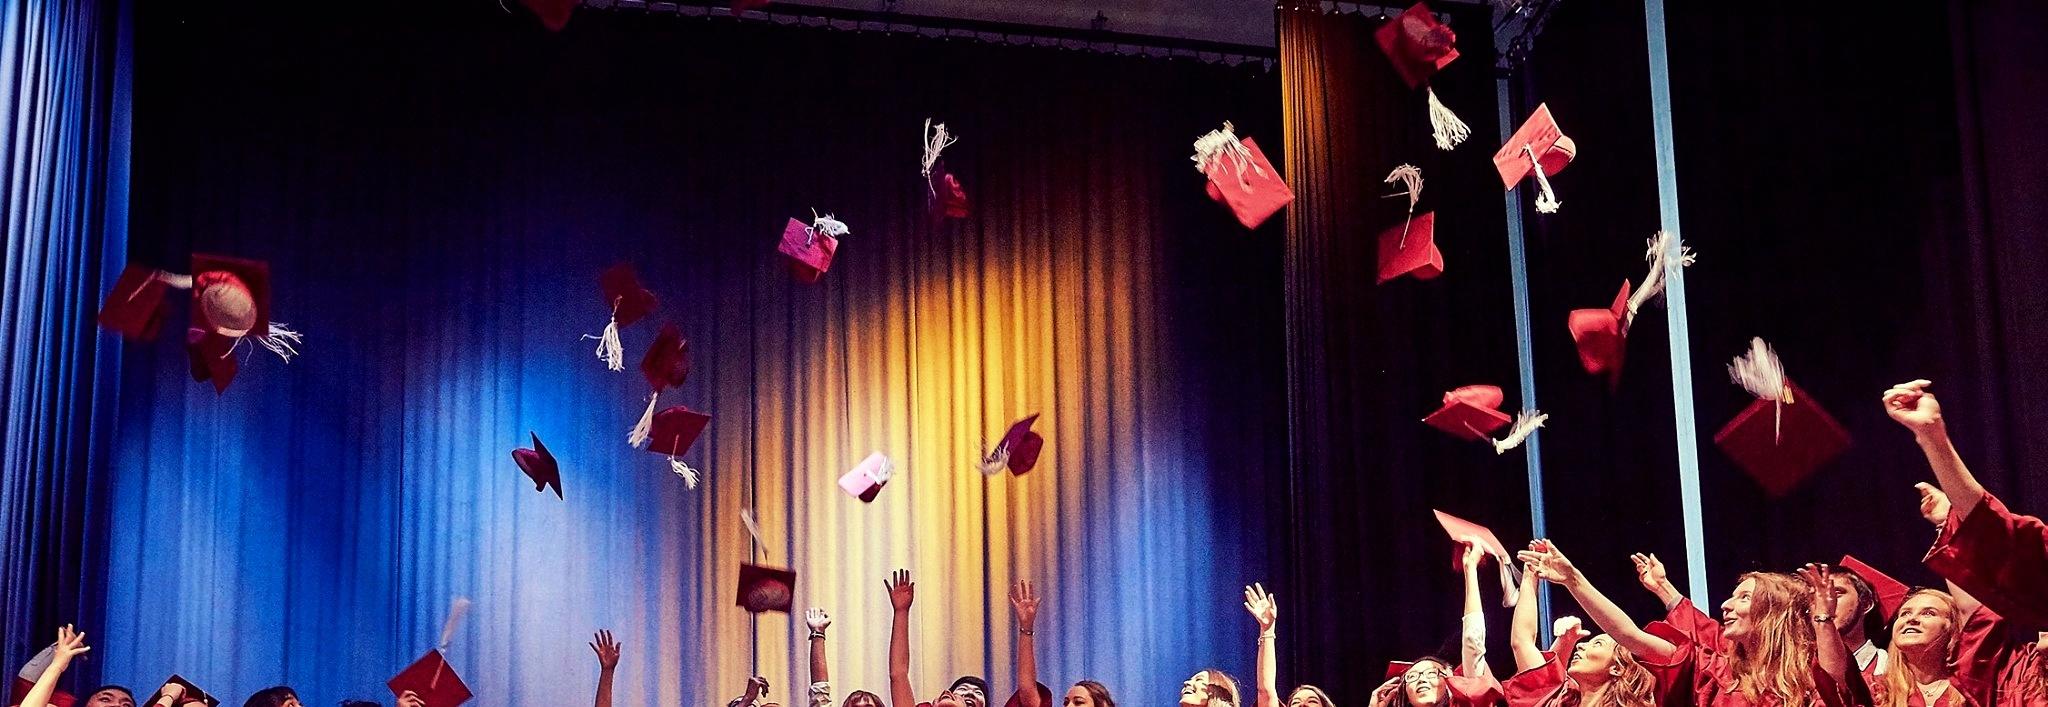 swiss-boarding-graduation-2016